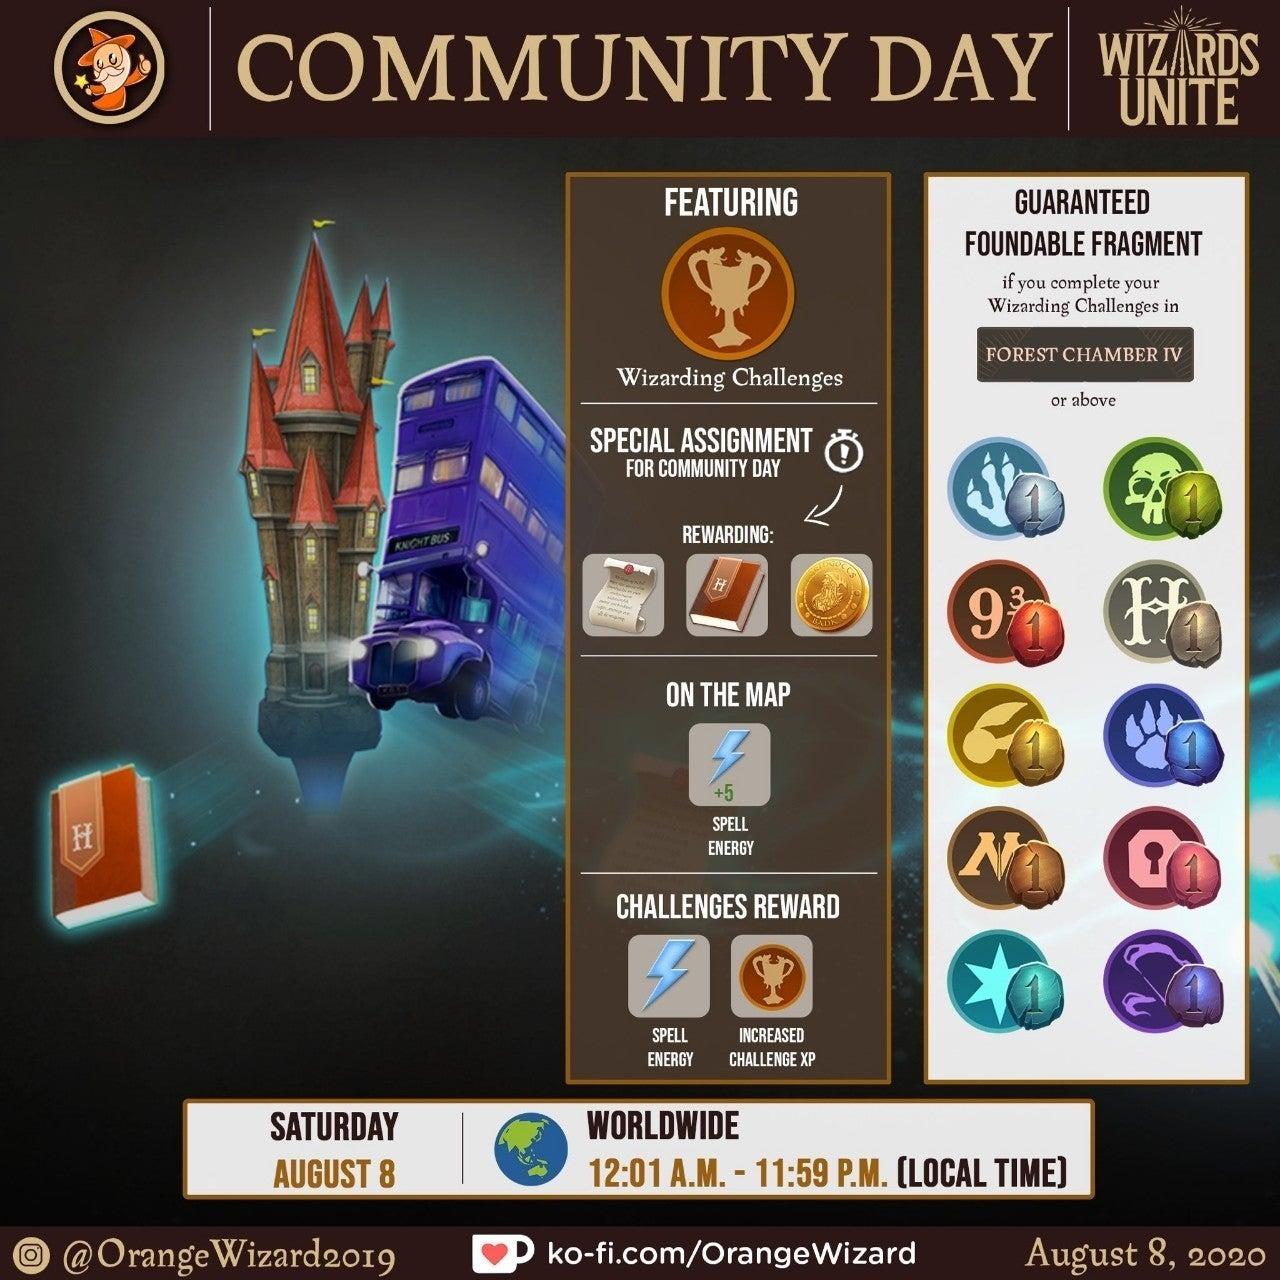 同盟 コミュニティ デイ 魔法